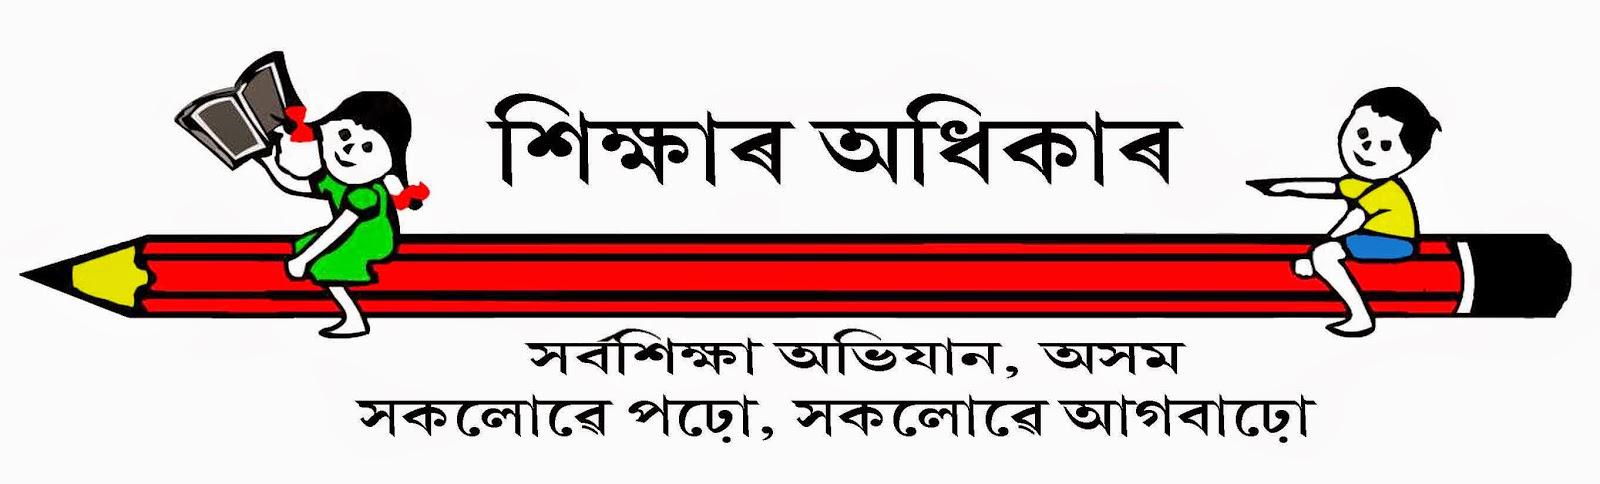 Sarva shiksha abhiyan Logos.